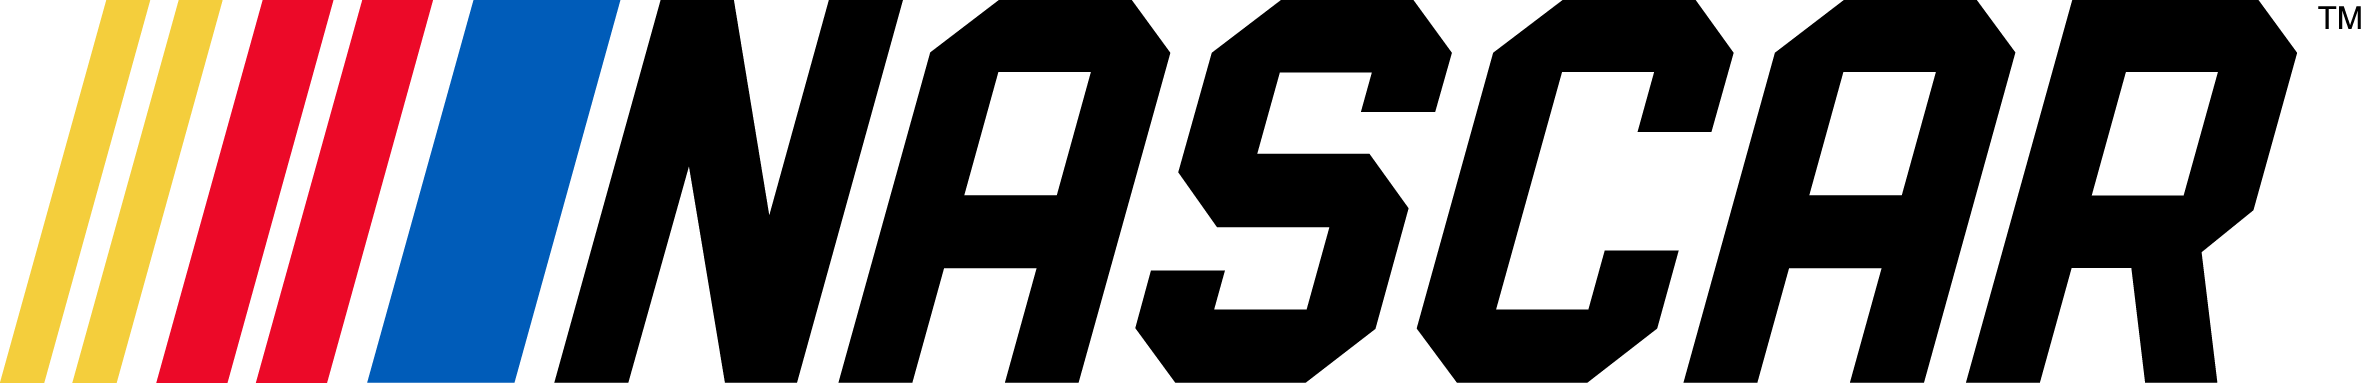 NASCAR_FullColor_onWhite_PMS